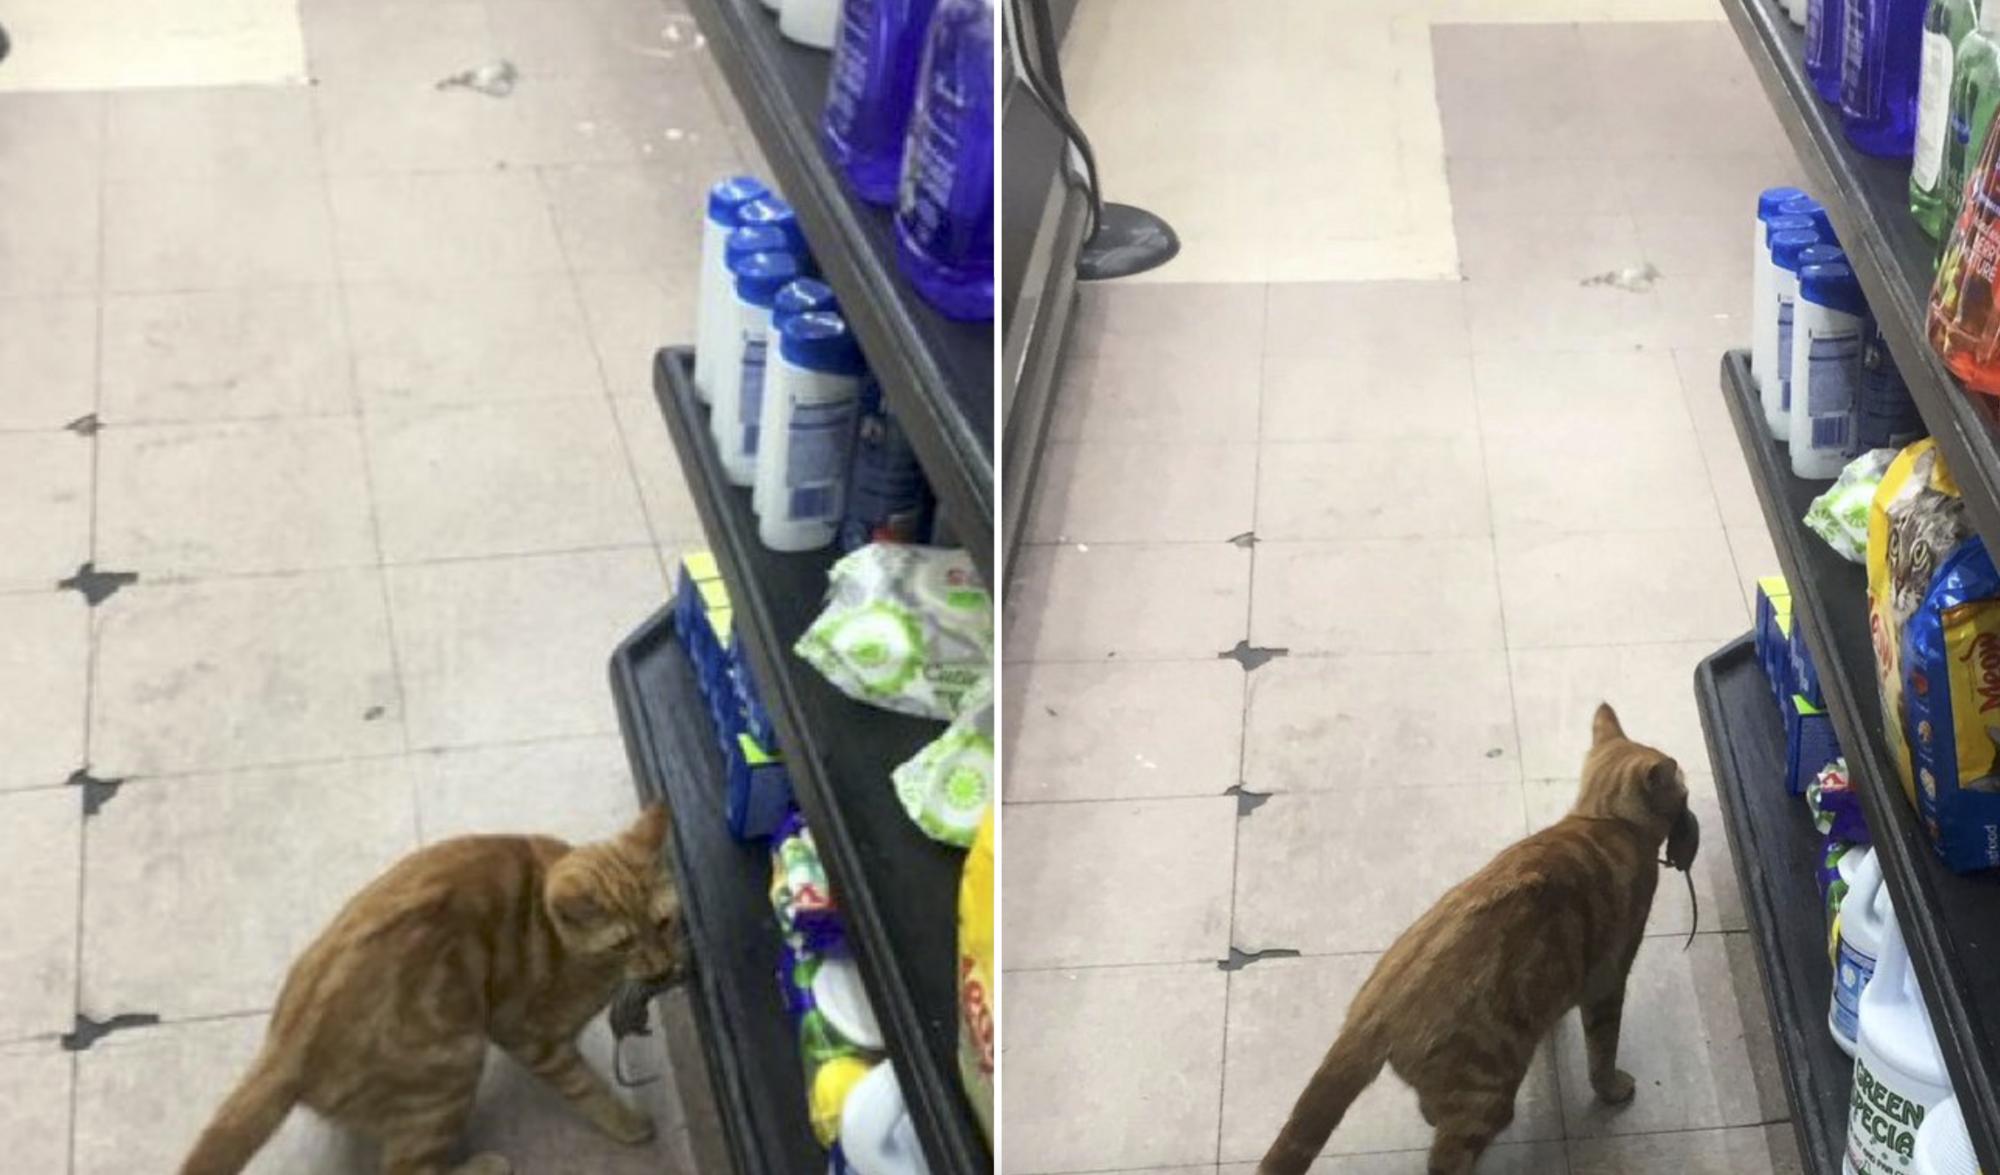 Кот контролирует, чтобы в магазине не воровали крупы.